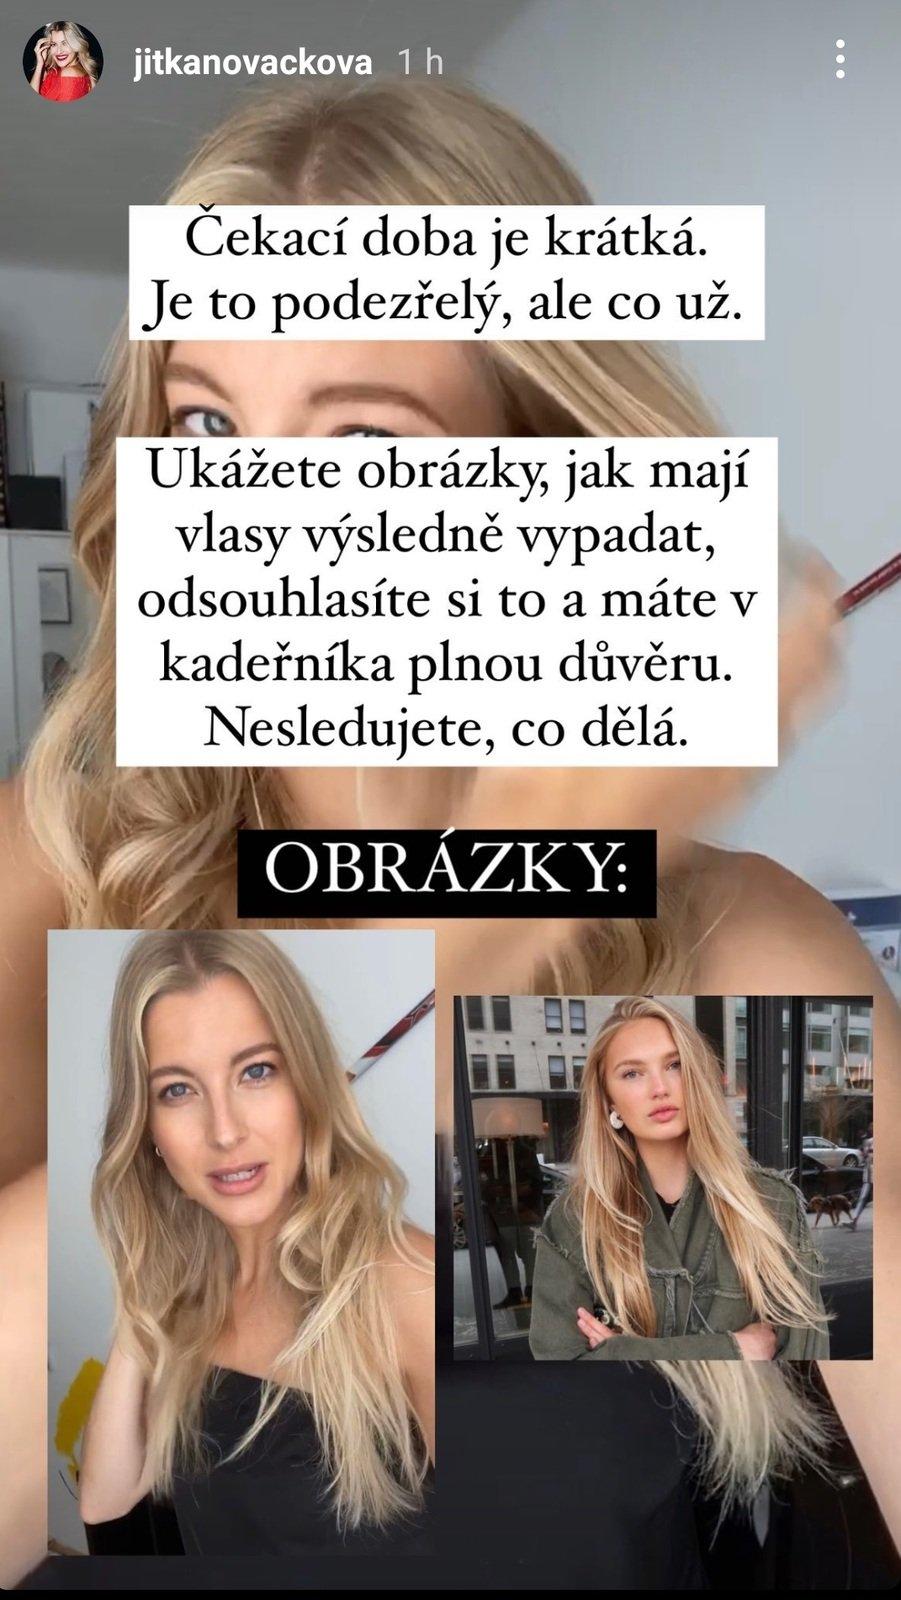 Jitka Nováčková popsala své trápení s řeckými kadeřnictvími